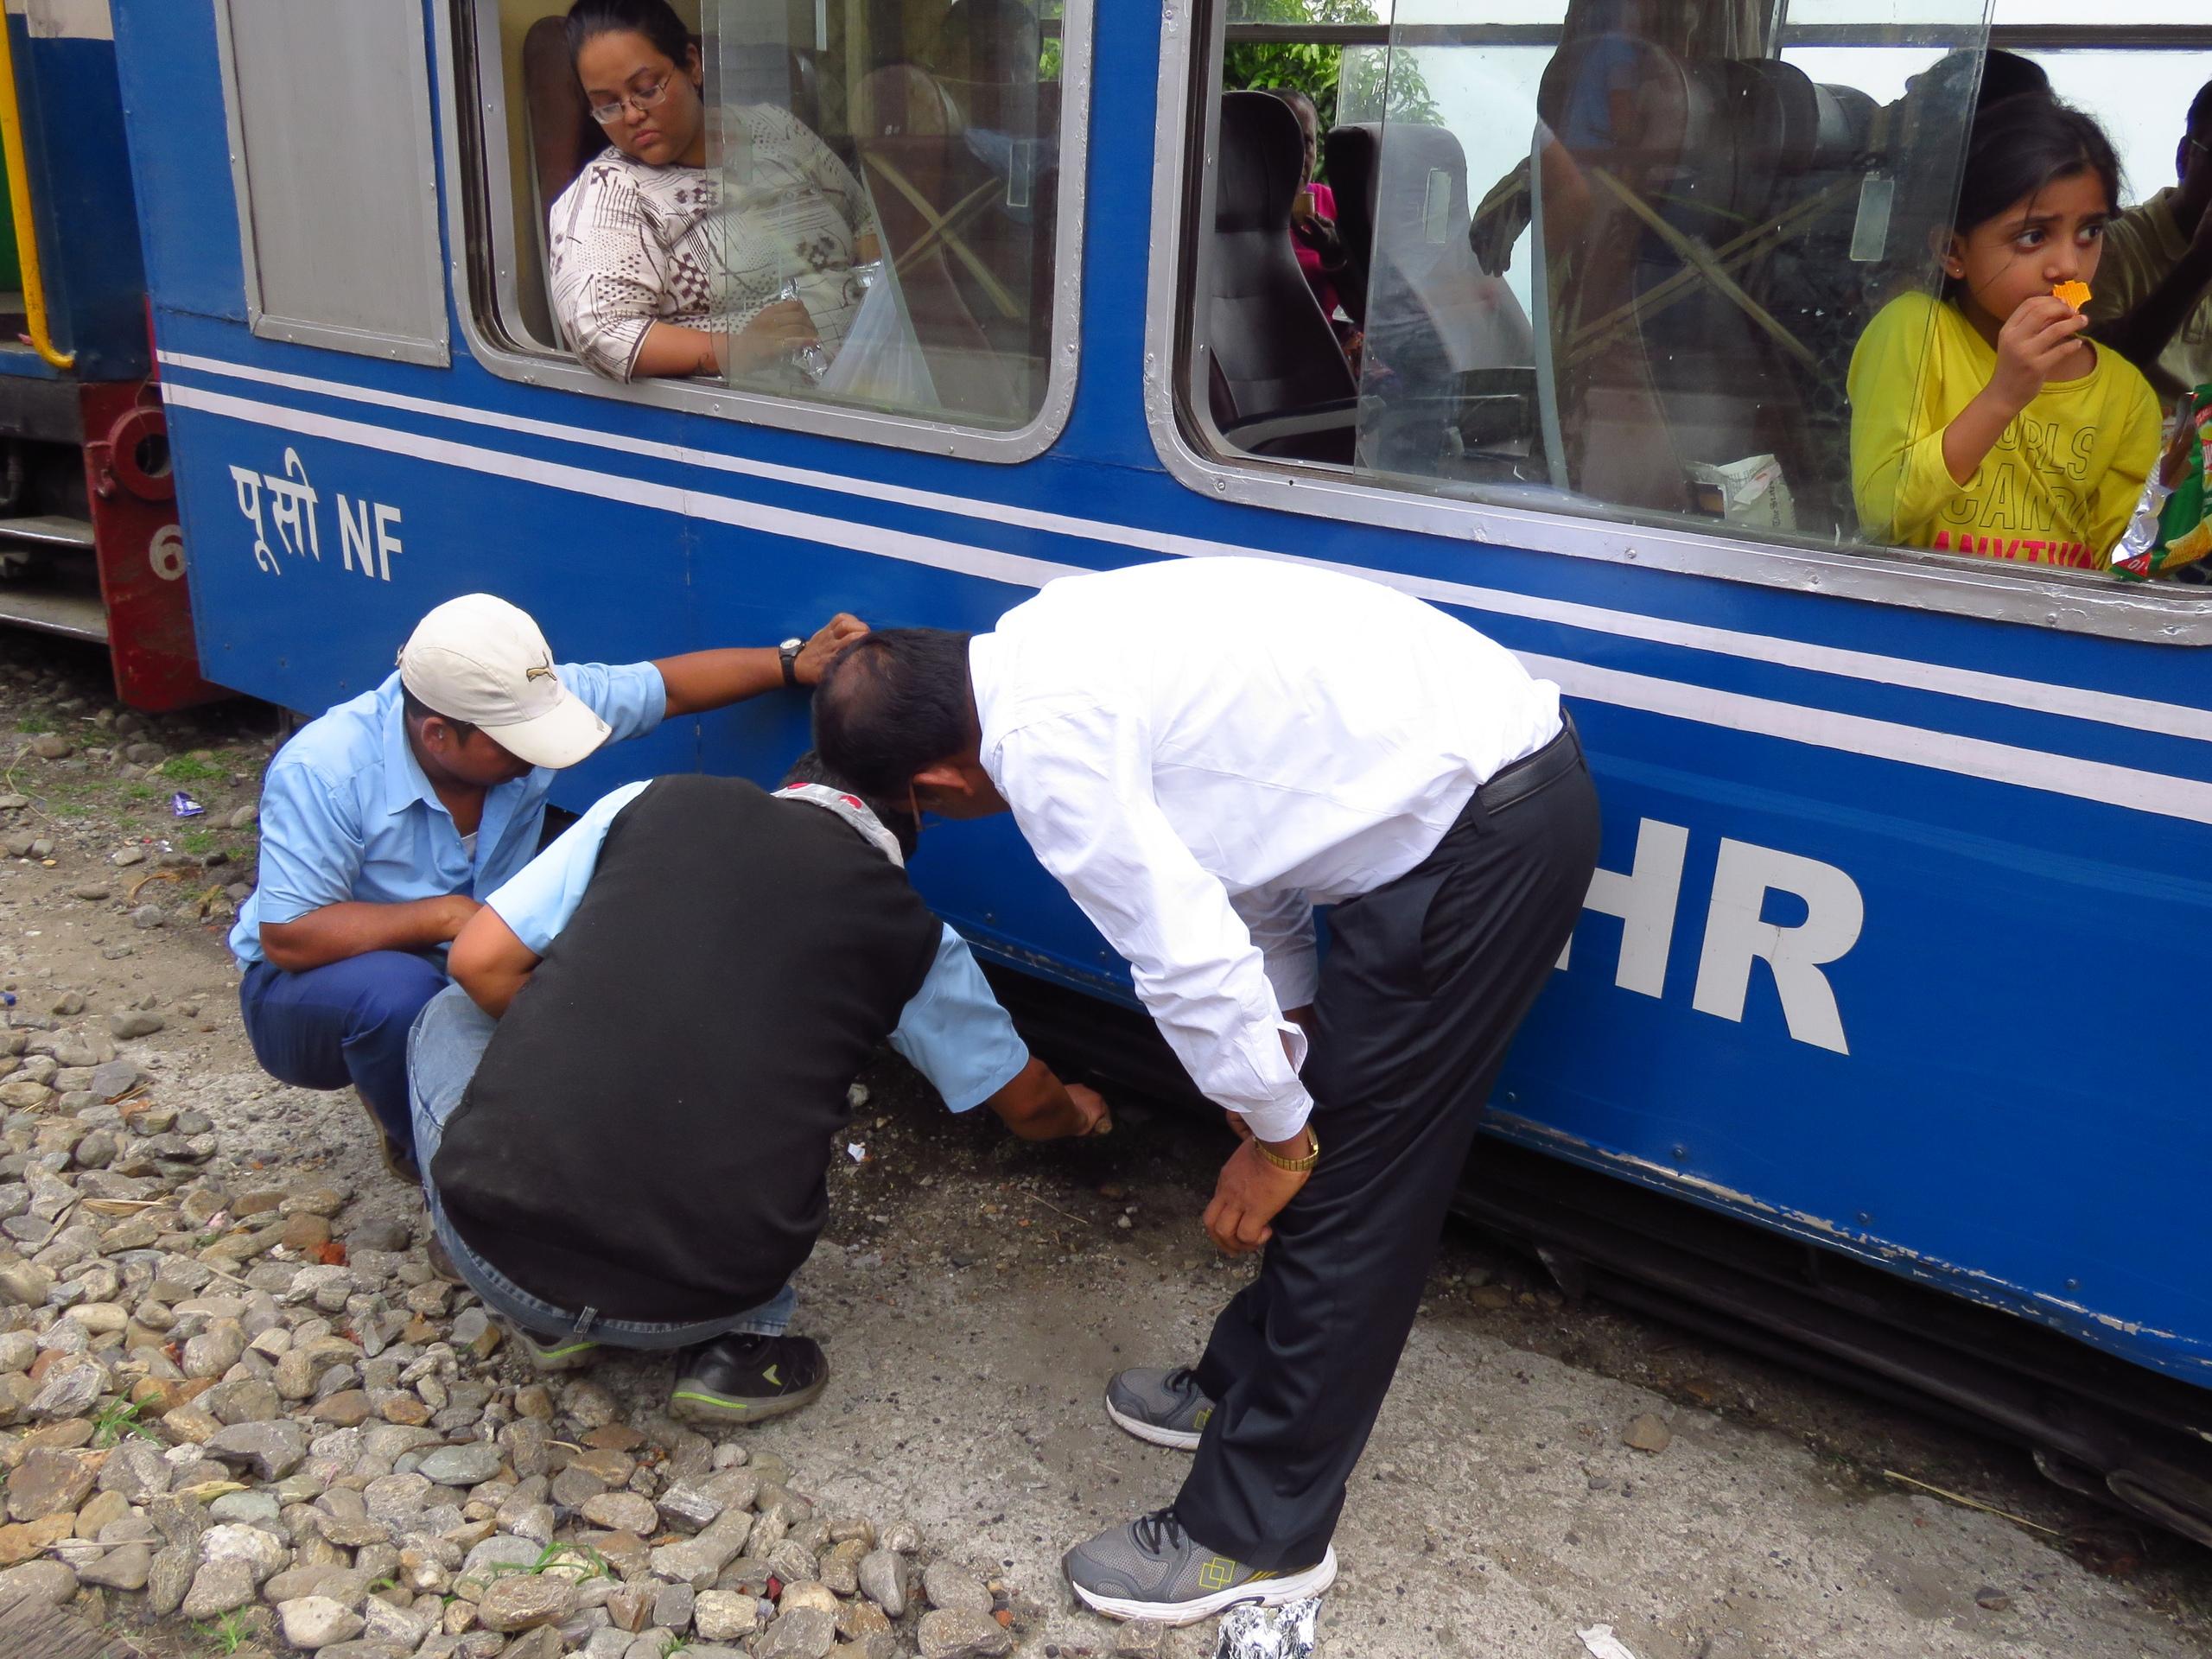 Узкоколейный поезд в Дарджилинг. Первая встреча с Гималаями. Железные дороги,Индия,Узкоколейки,Дарджилинг,Горы